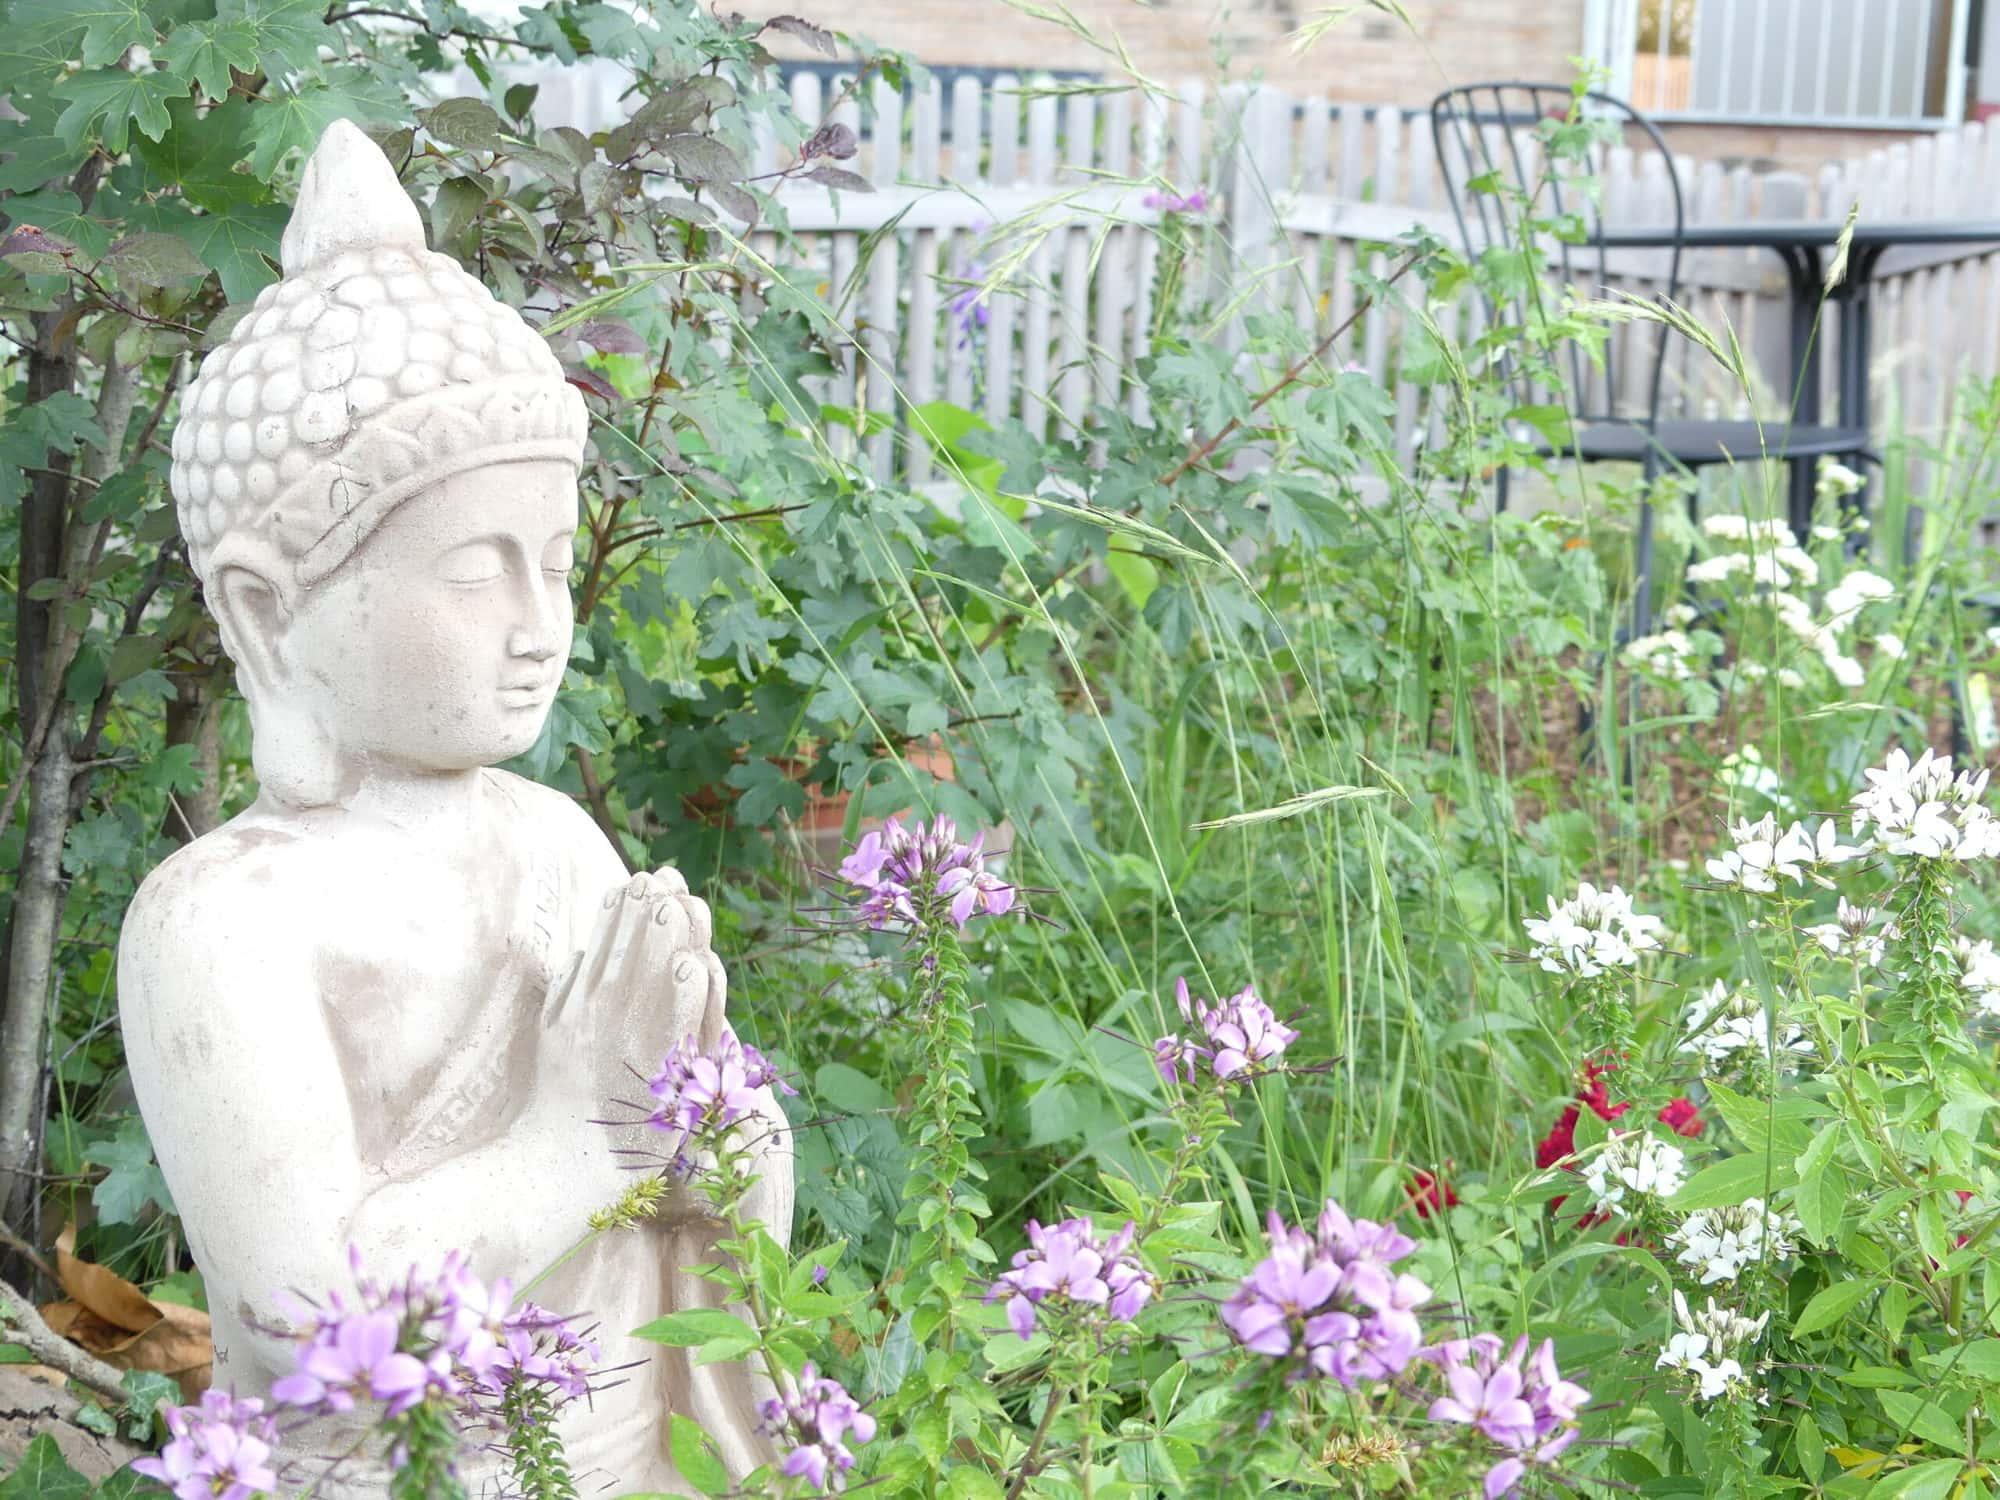 Statue eines meditierenden Buddhas mit den Händen in der Gebetshaltung in einem Garten.